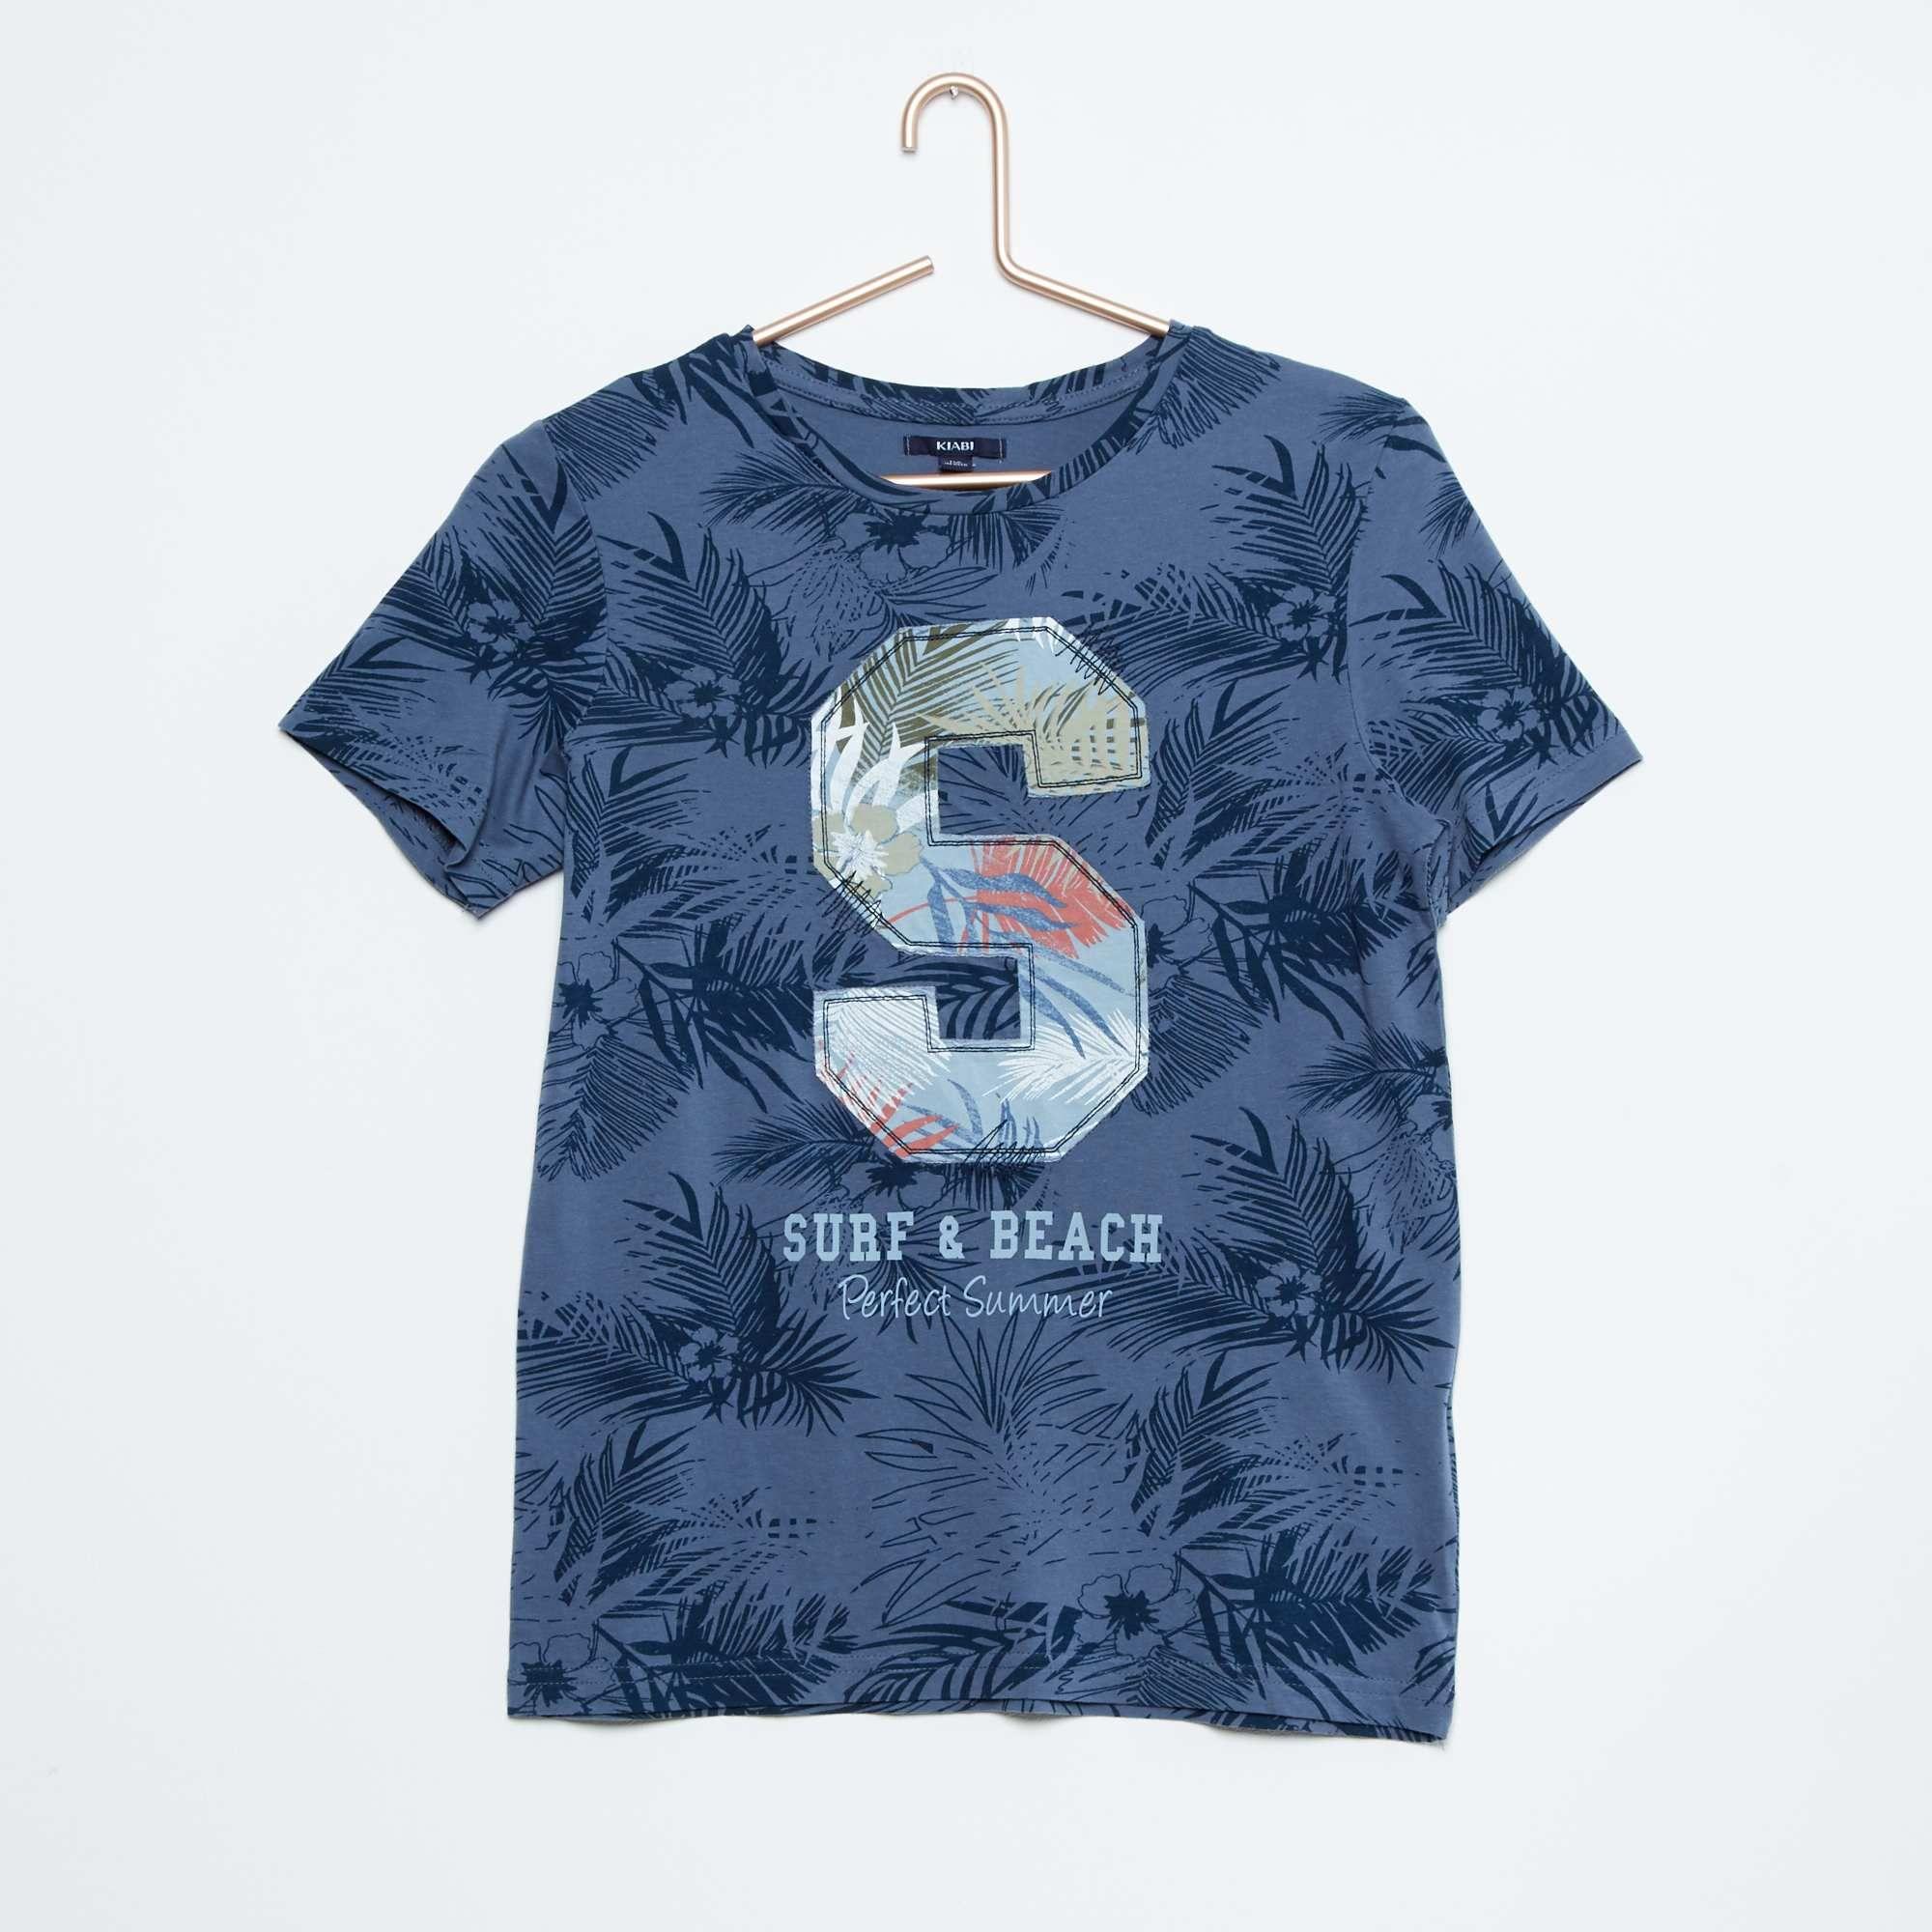 Camiseta de algodón con estampado de hojas Joven niño